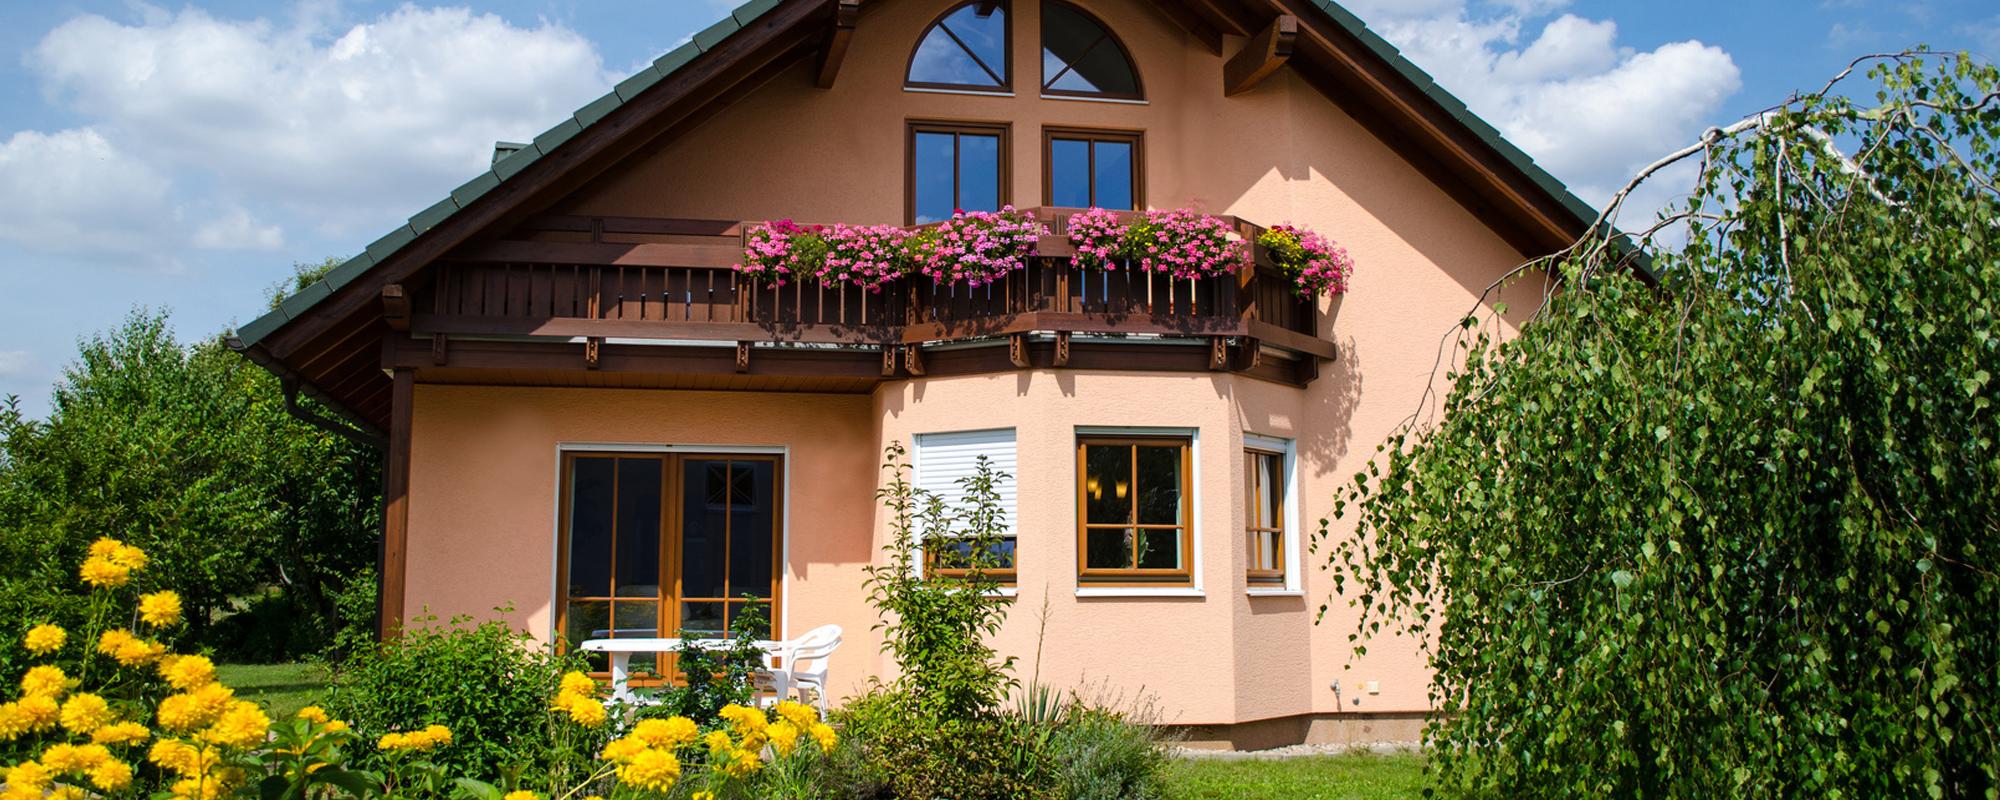 Unwetter, Erdbeben, Brände, korrodierte Rohre, Überschwemmung - selbst das solideste Haus kann dadurch stark beschädigt werden. Diese                       Schäden wirklich komplett zu vermeiden, ist fast unmöglich!                       Das sind Risiken, die ständig Ihr Gebäude bedrohen. fullsize